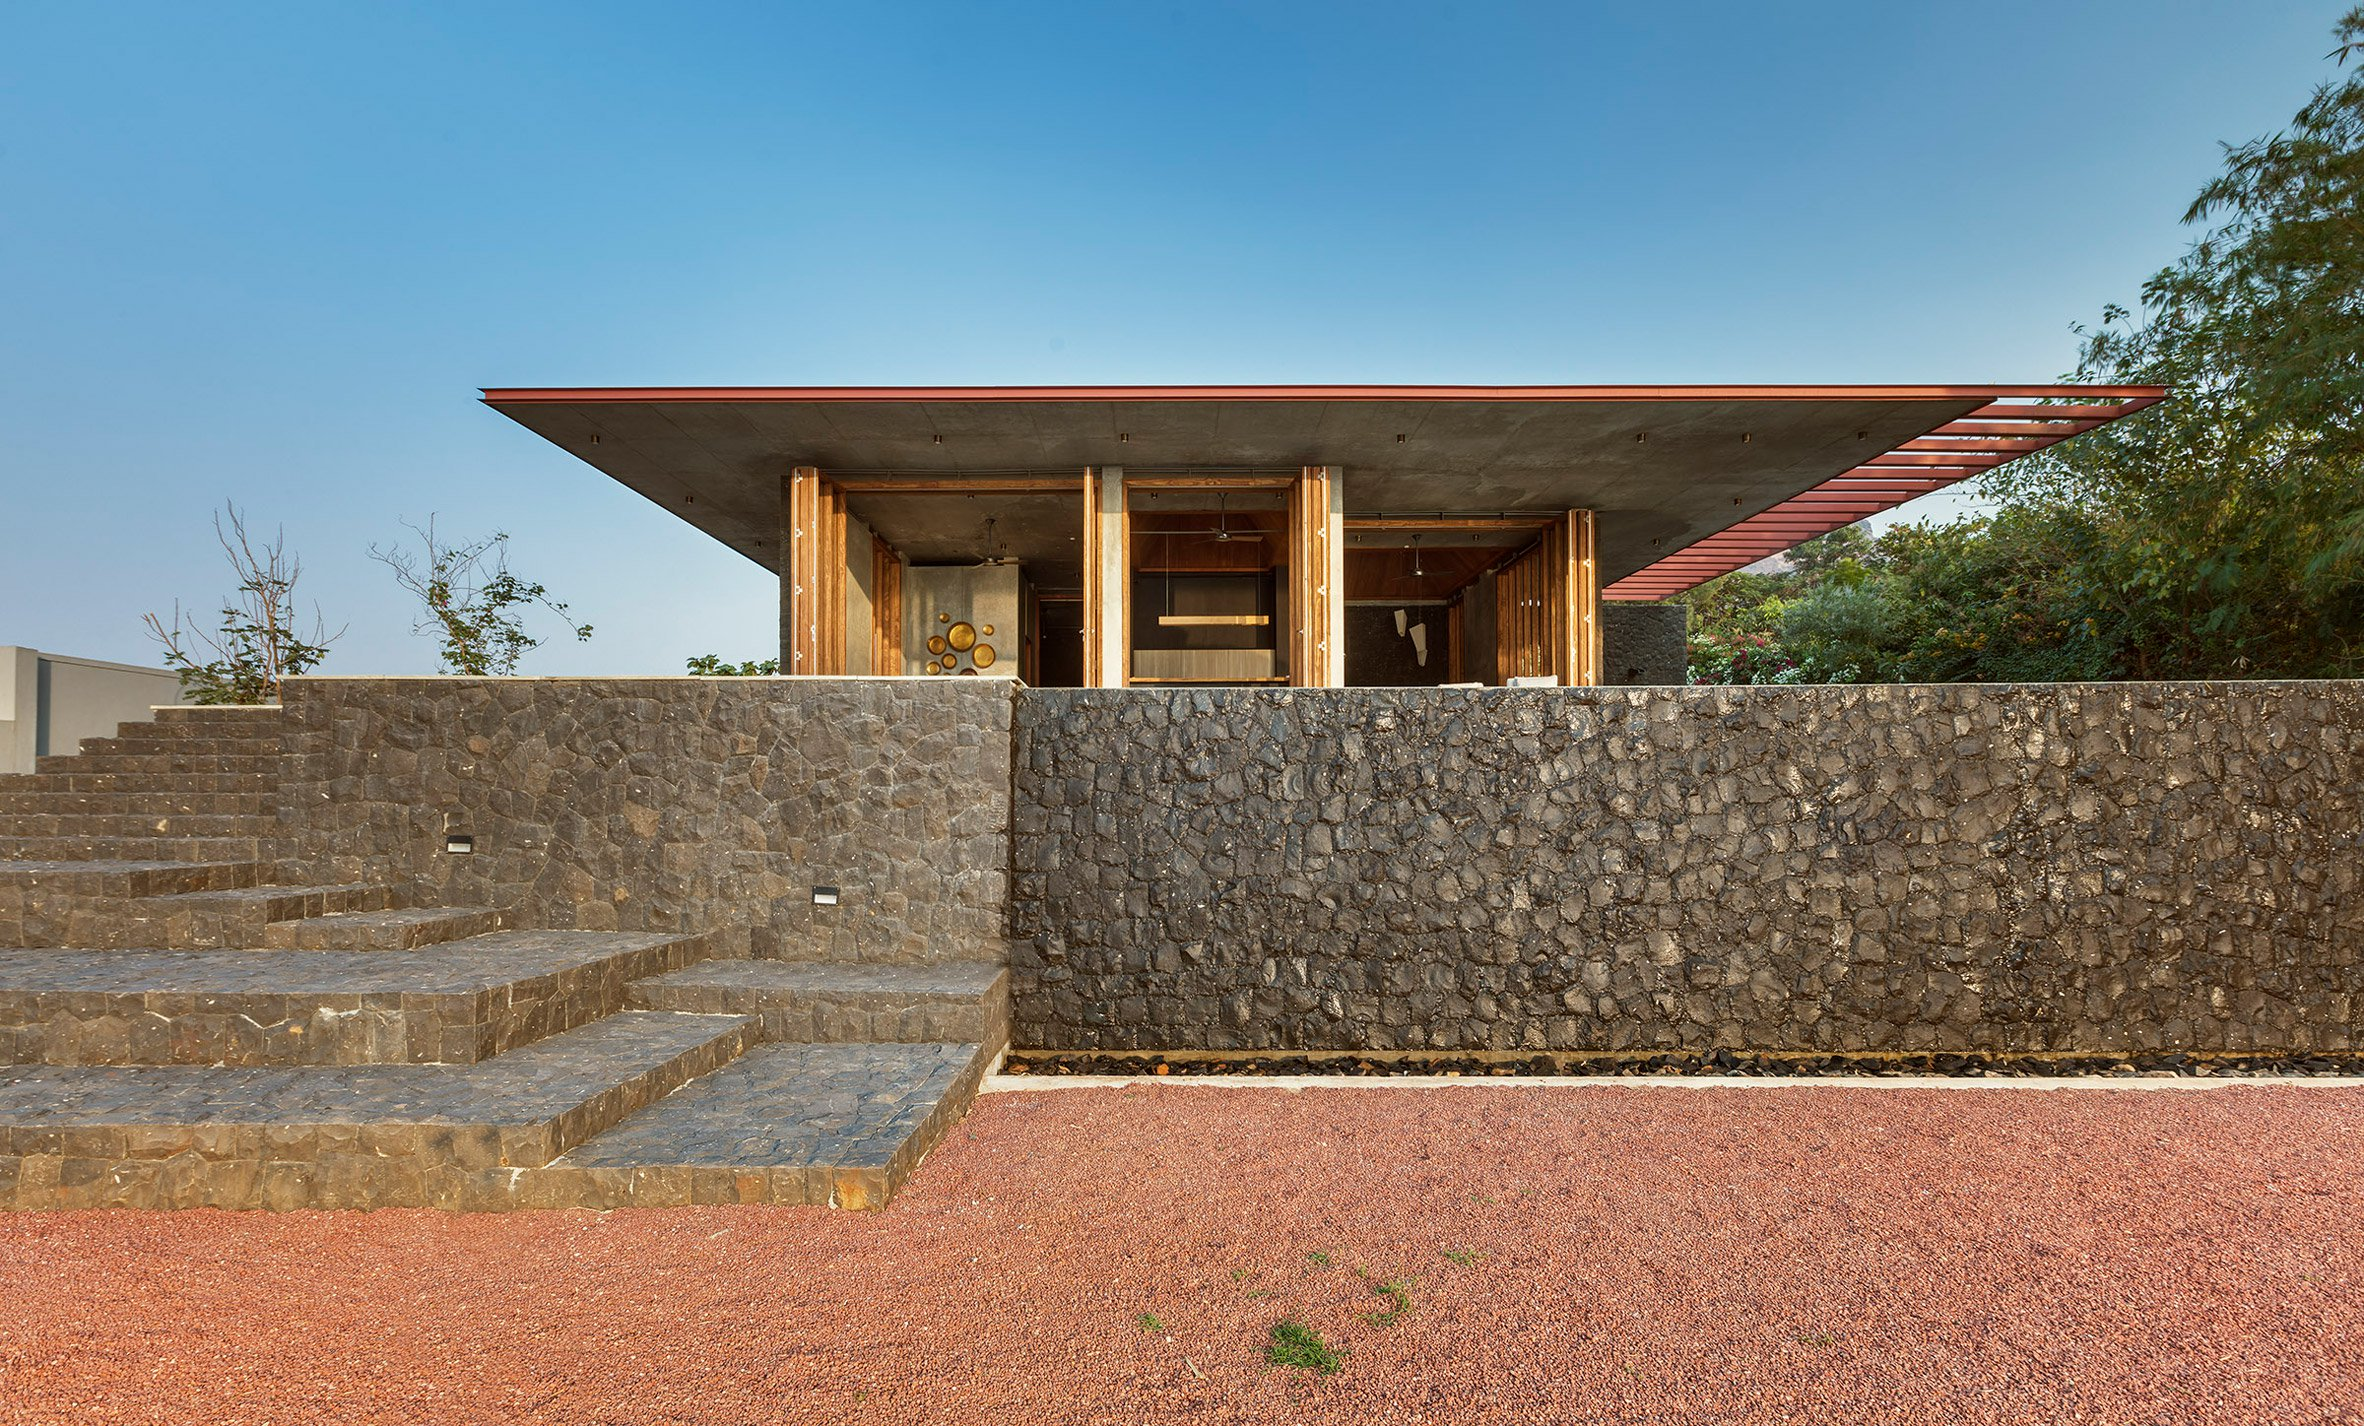 La casa è circondata da un paesaggio spettacolare / Shamanth Patil J.